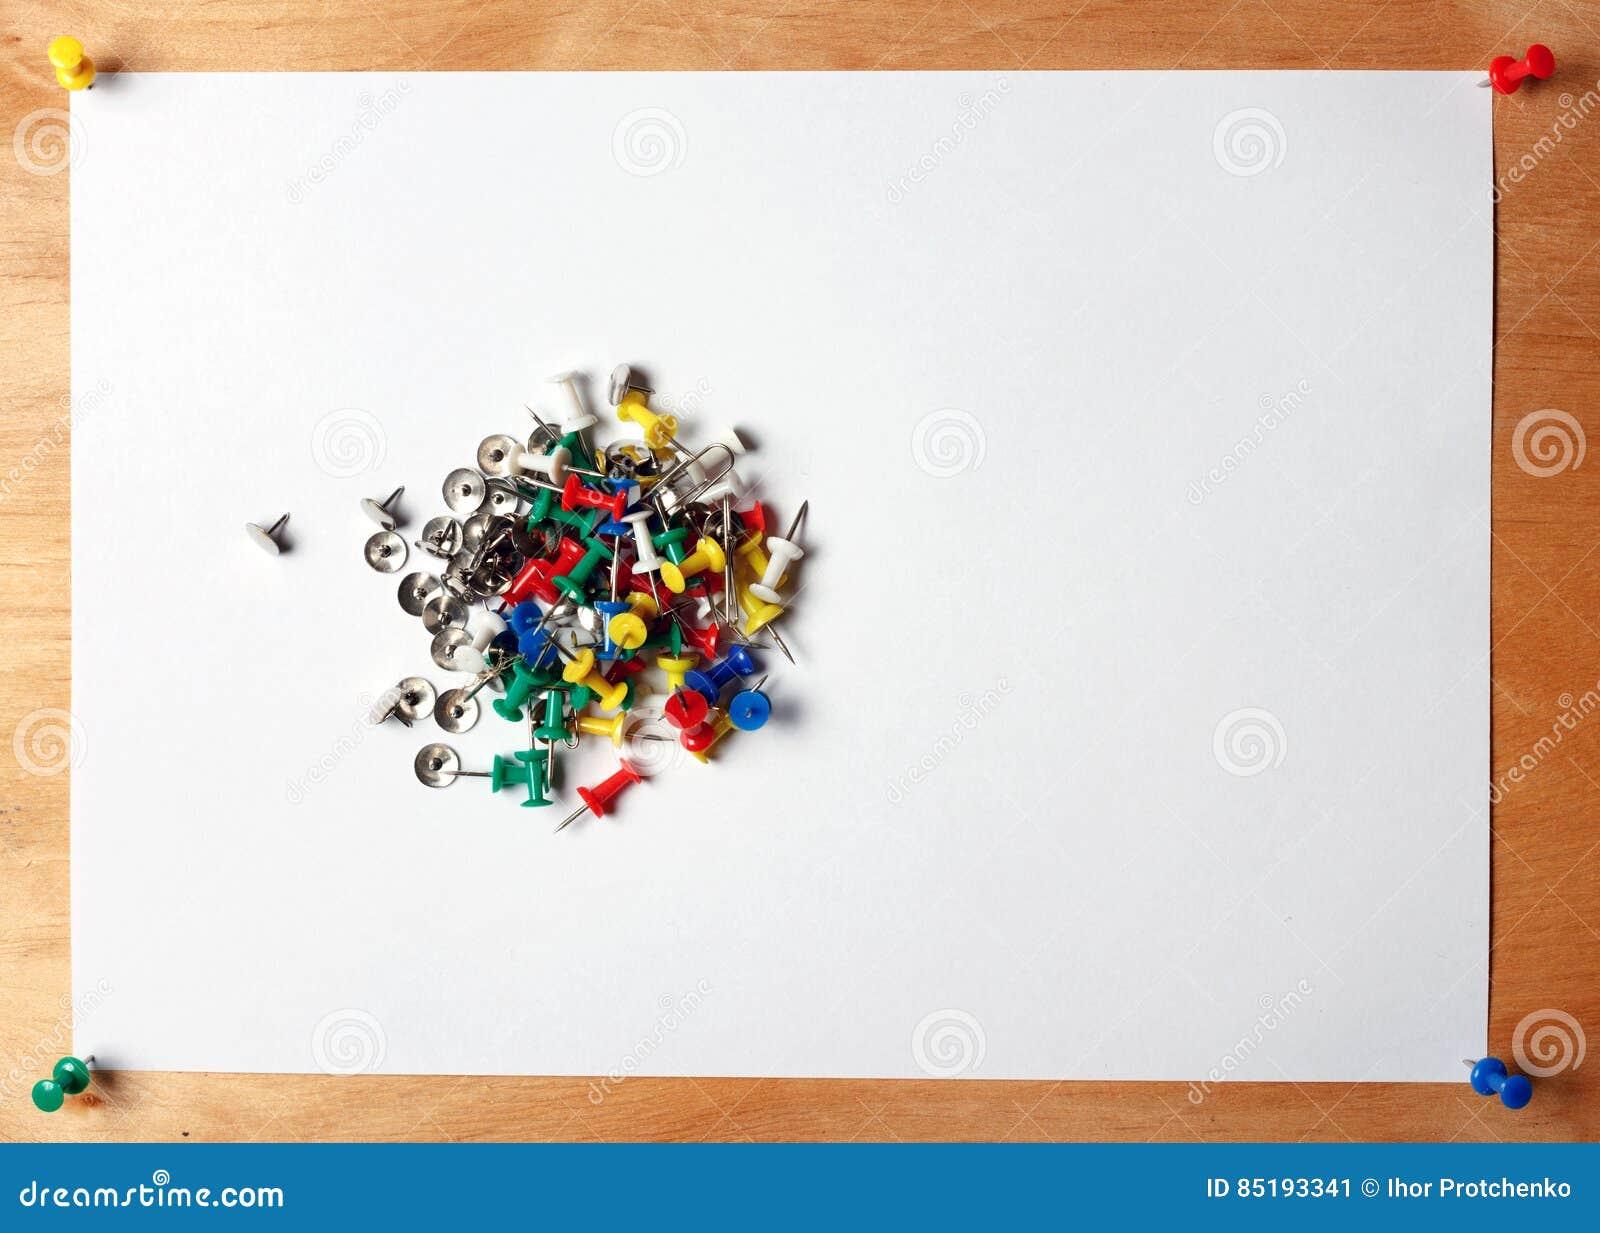 Бумага и много красят канцелярские кнопки красный, голубой, зеленый, желтый, белый Лист прикрепленный к деревянной доске